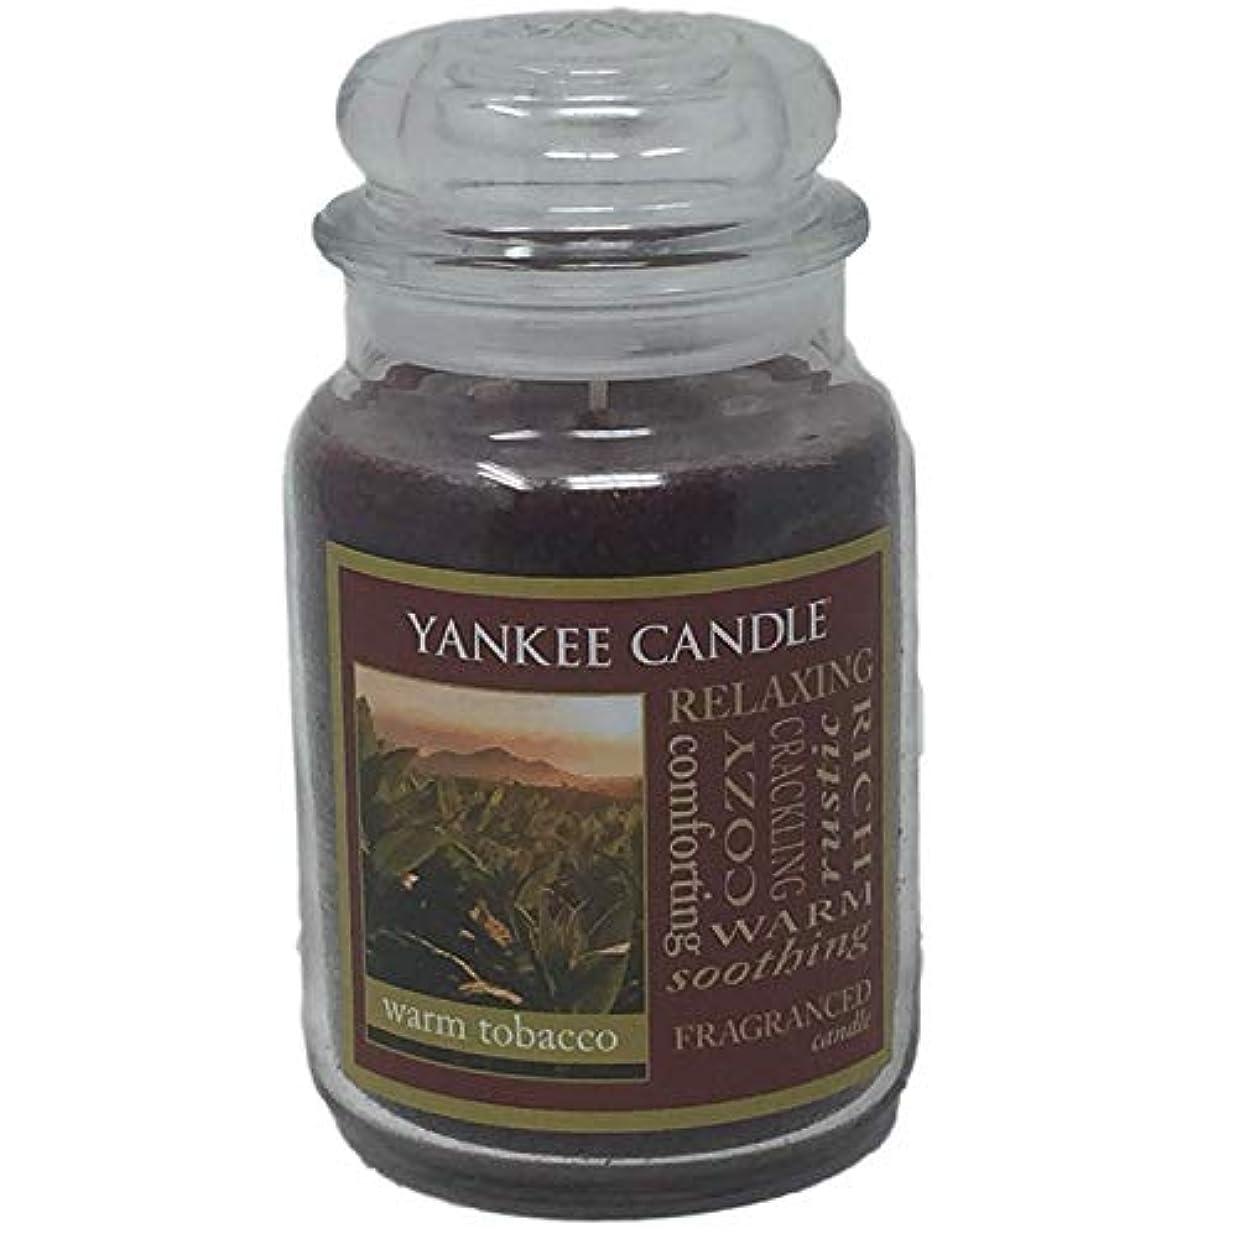 メトロポリタン緯度差別Yankee Candle WarmタバコJar Candle – 22 oz Largeサイズ